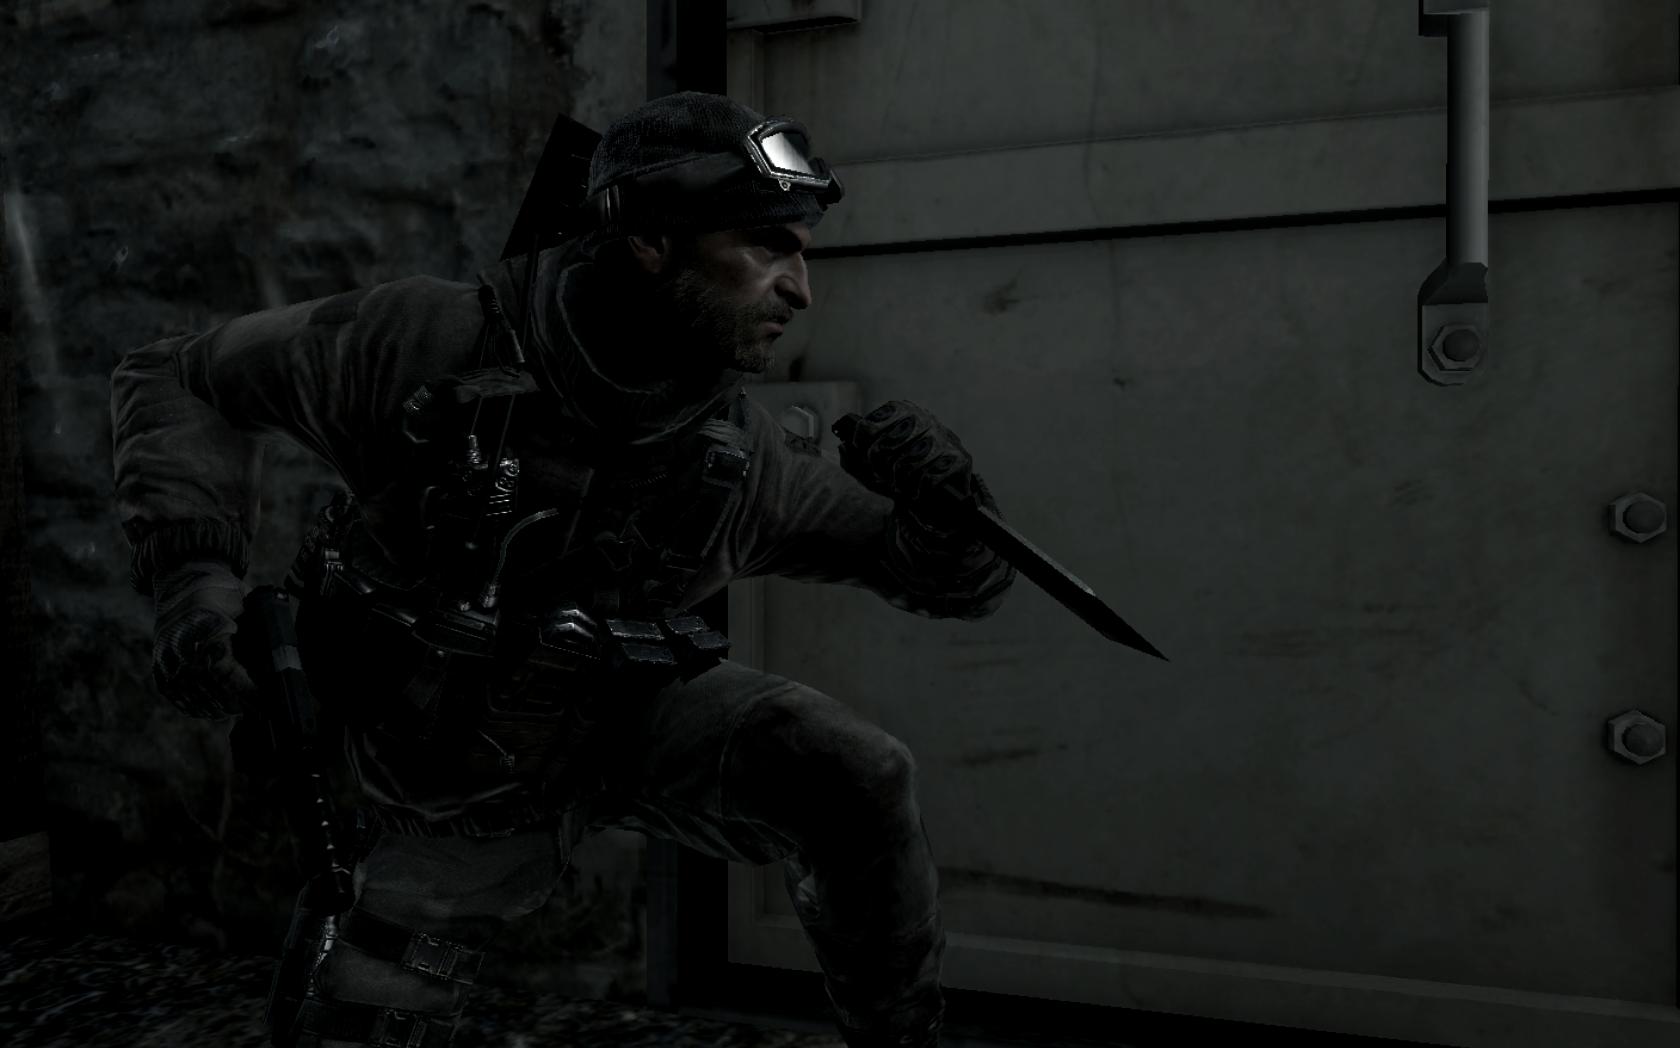 John Price | Call of Duty Wiki | FANDOM powered by Wikia